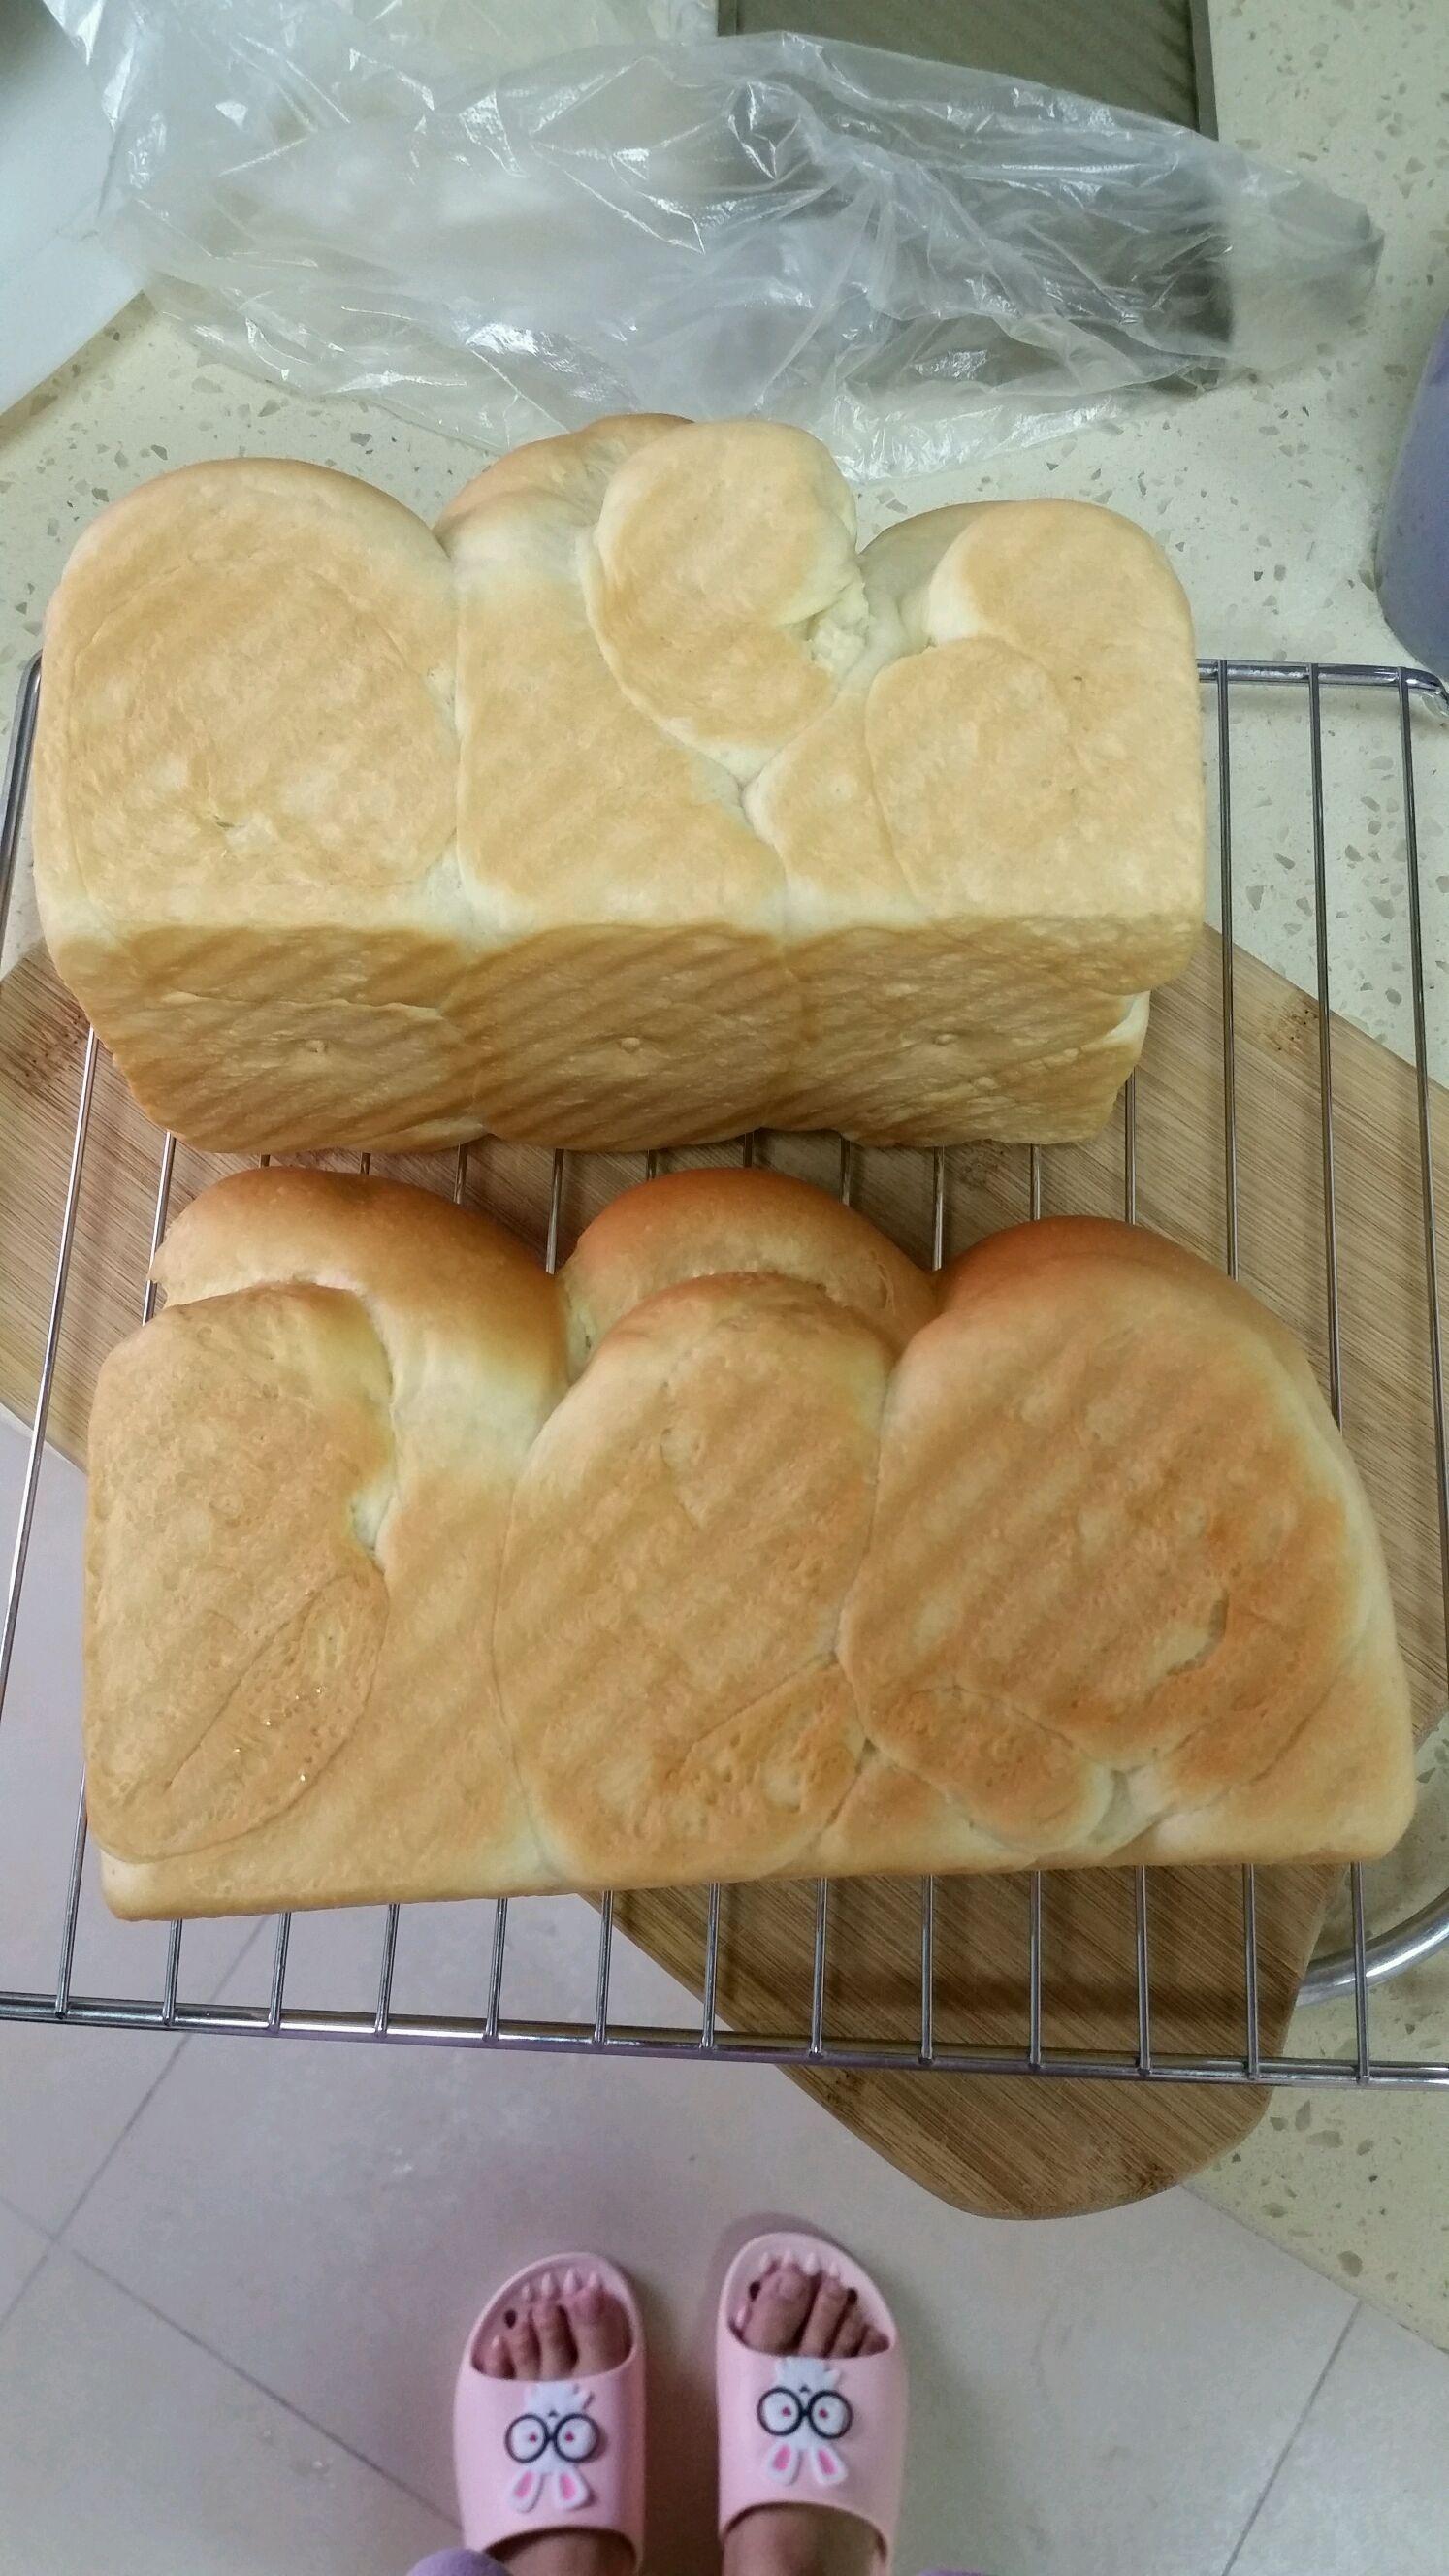 中种吐司面包的做法_土司面包配方 能不能用甜面包的配方做吐司?